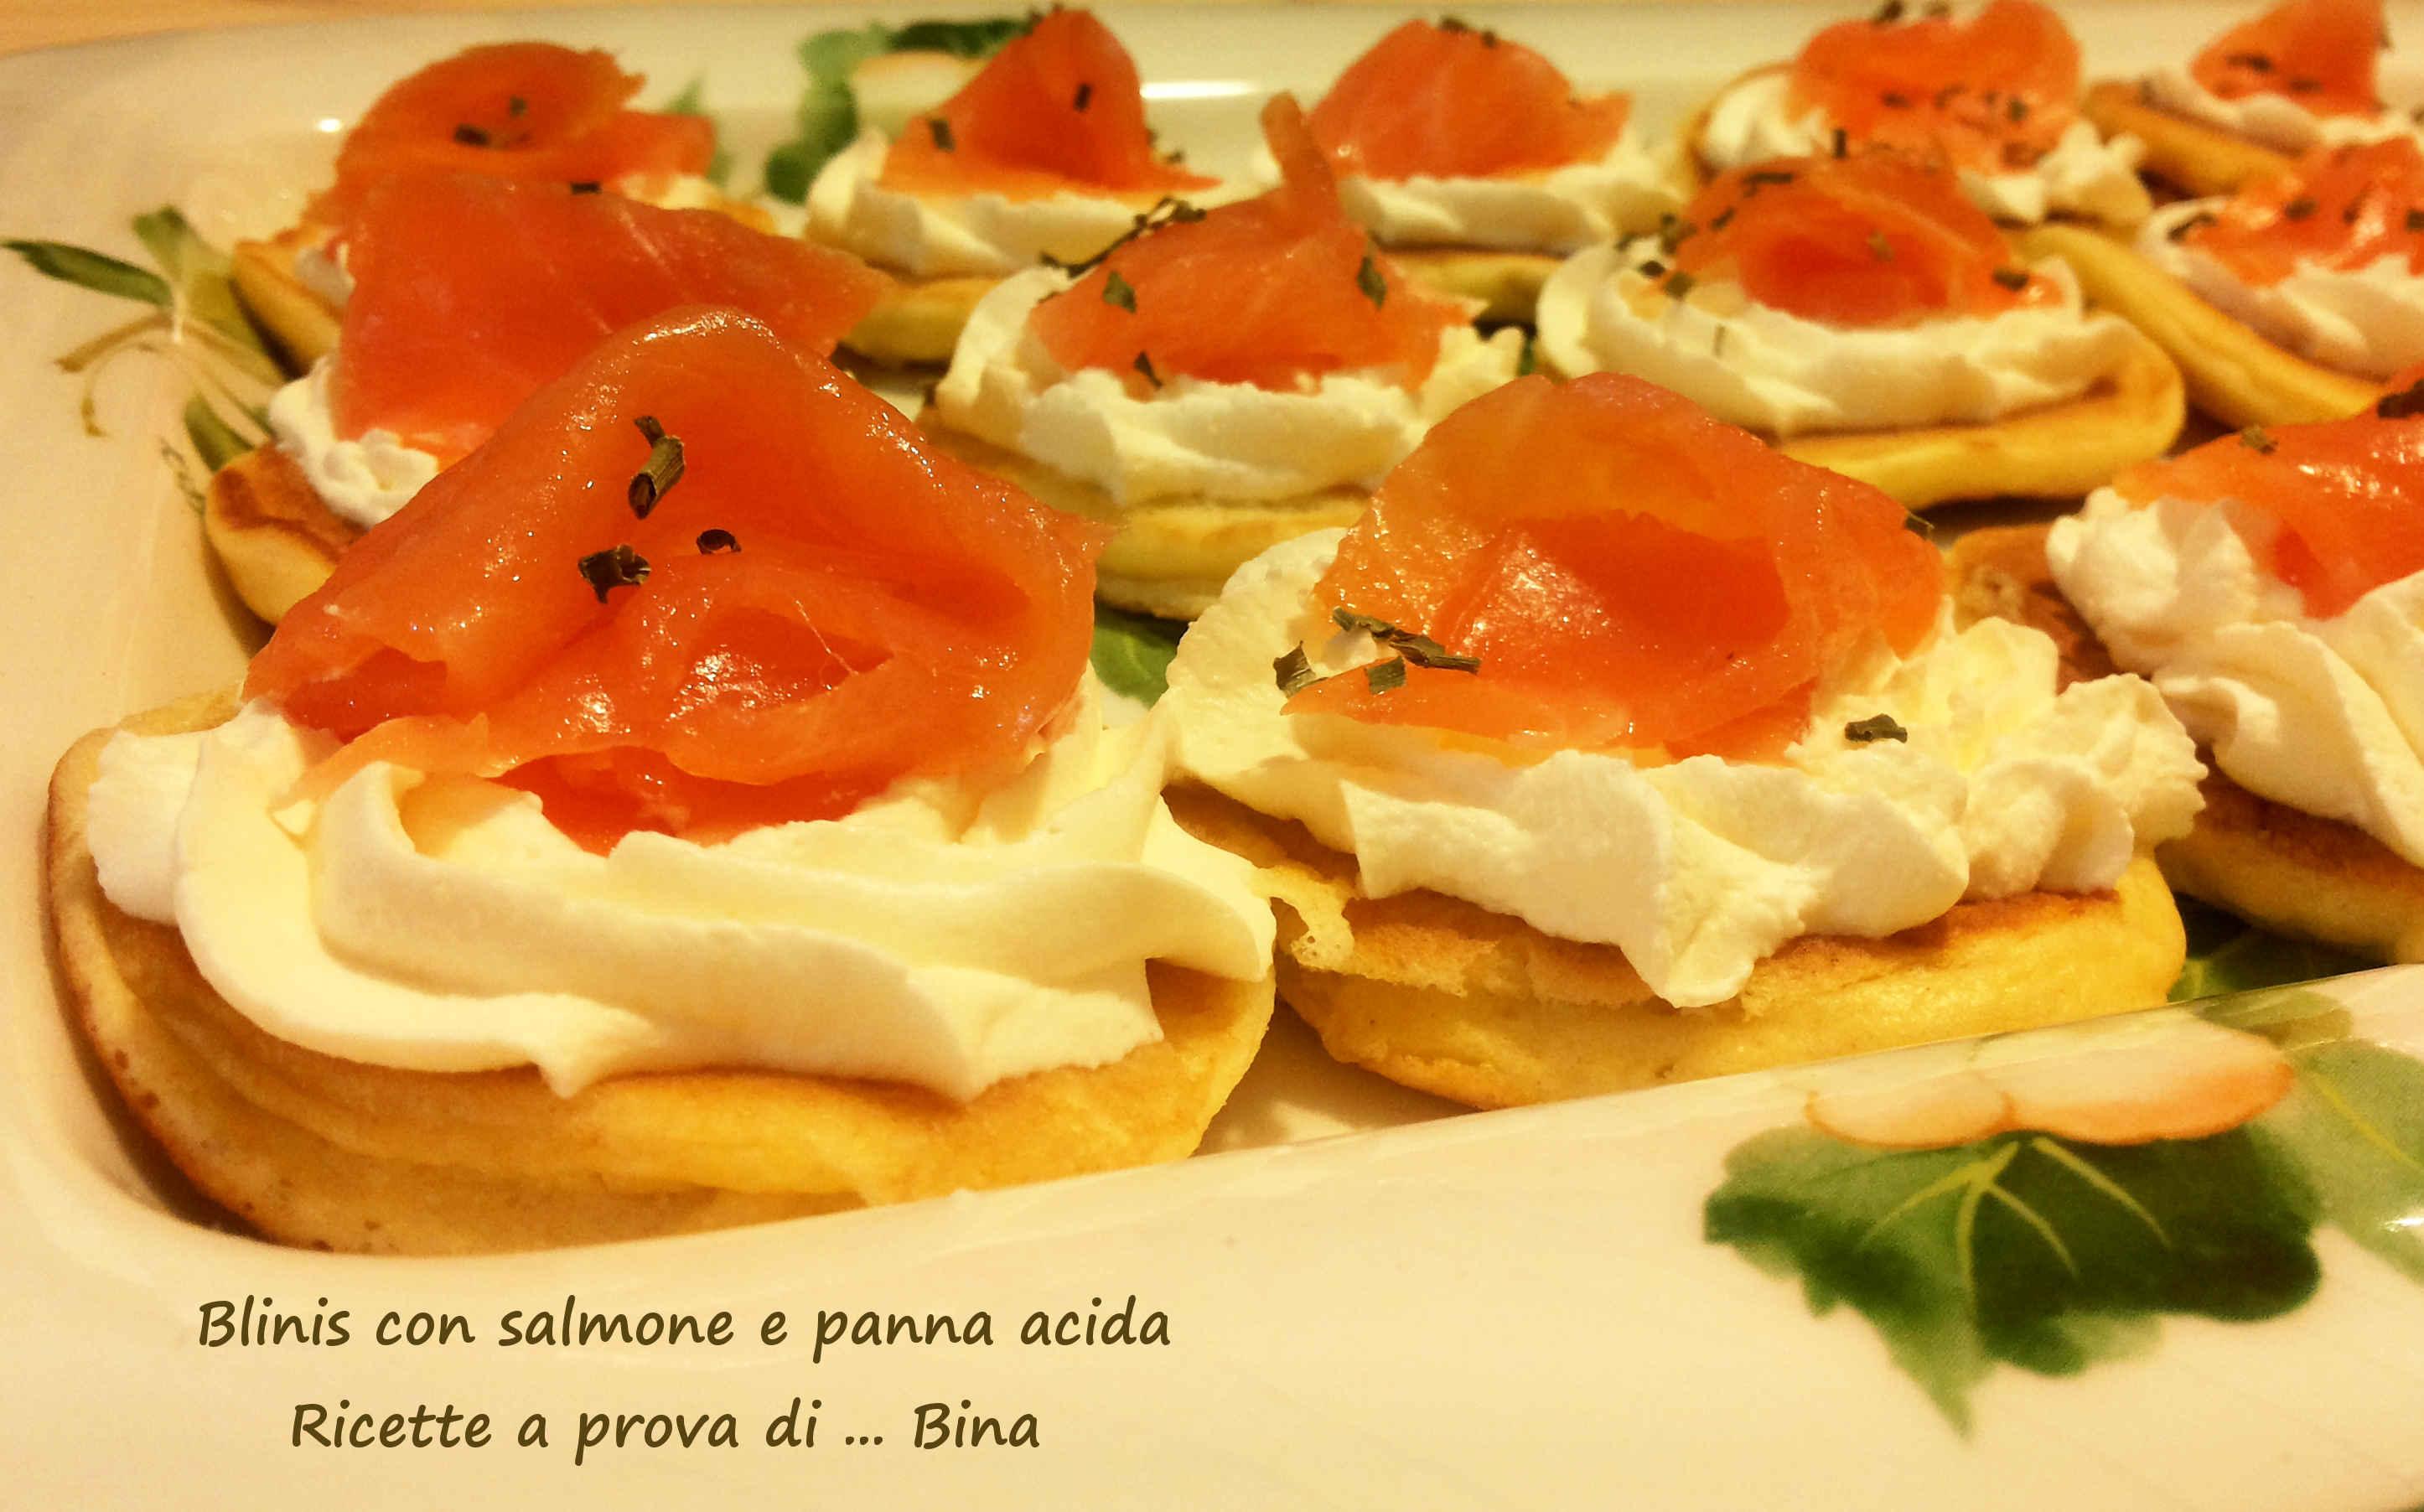 Blinis con salmone e panna acida ricette a prova di bina for Salmone ricette